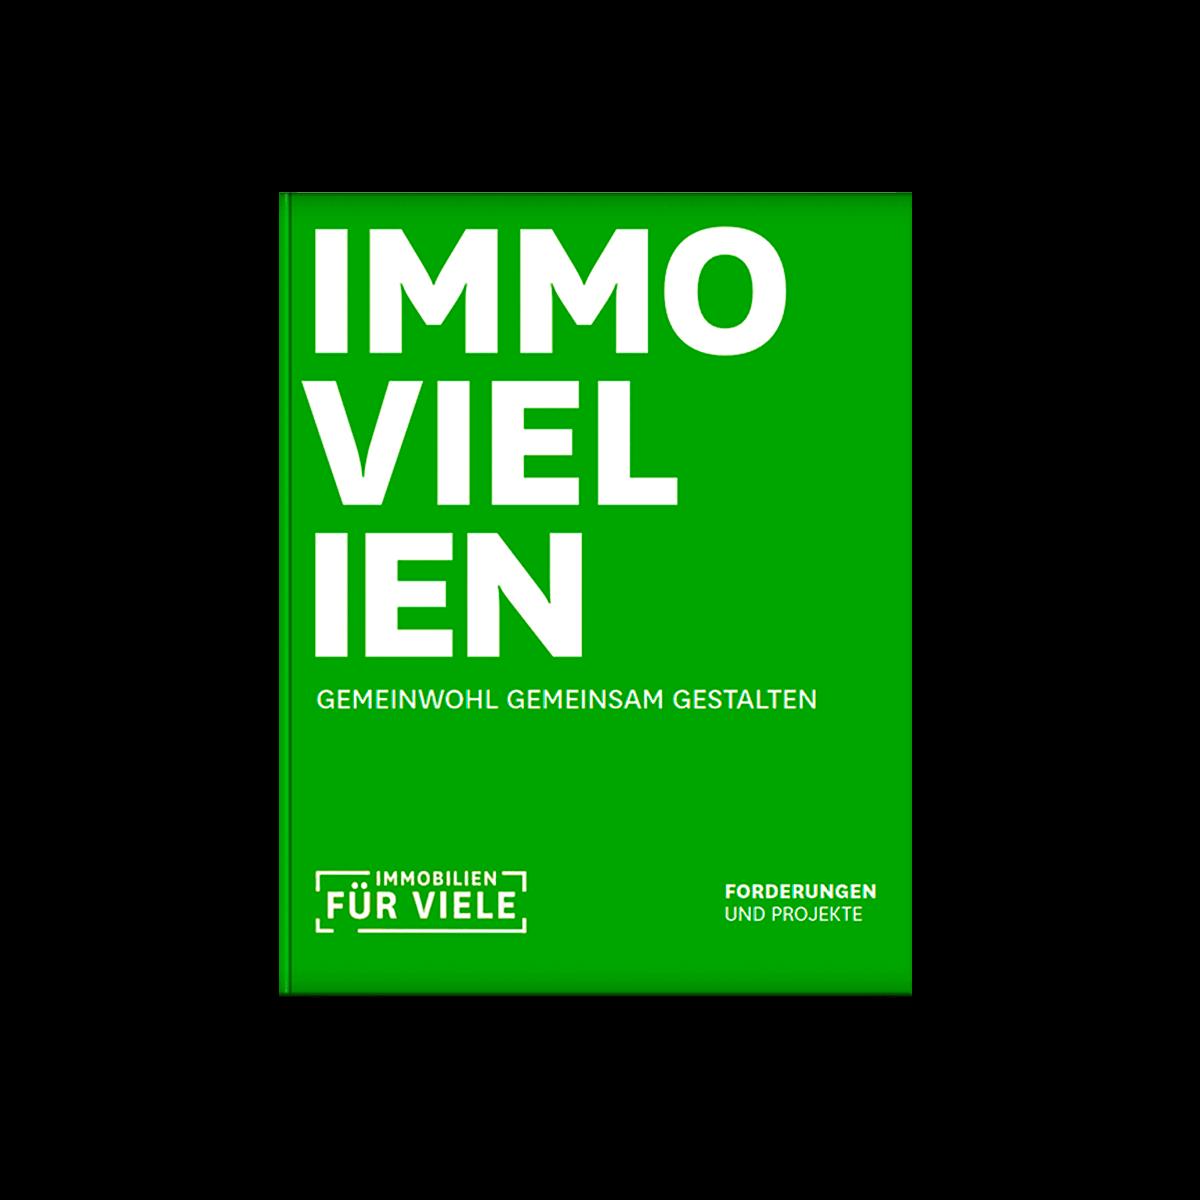 Lektorat Referenz Montag Stiftung urbane Räume - Immovilien. Gemeinwohl gemeinsam gestalten.